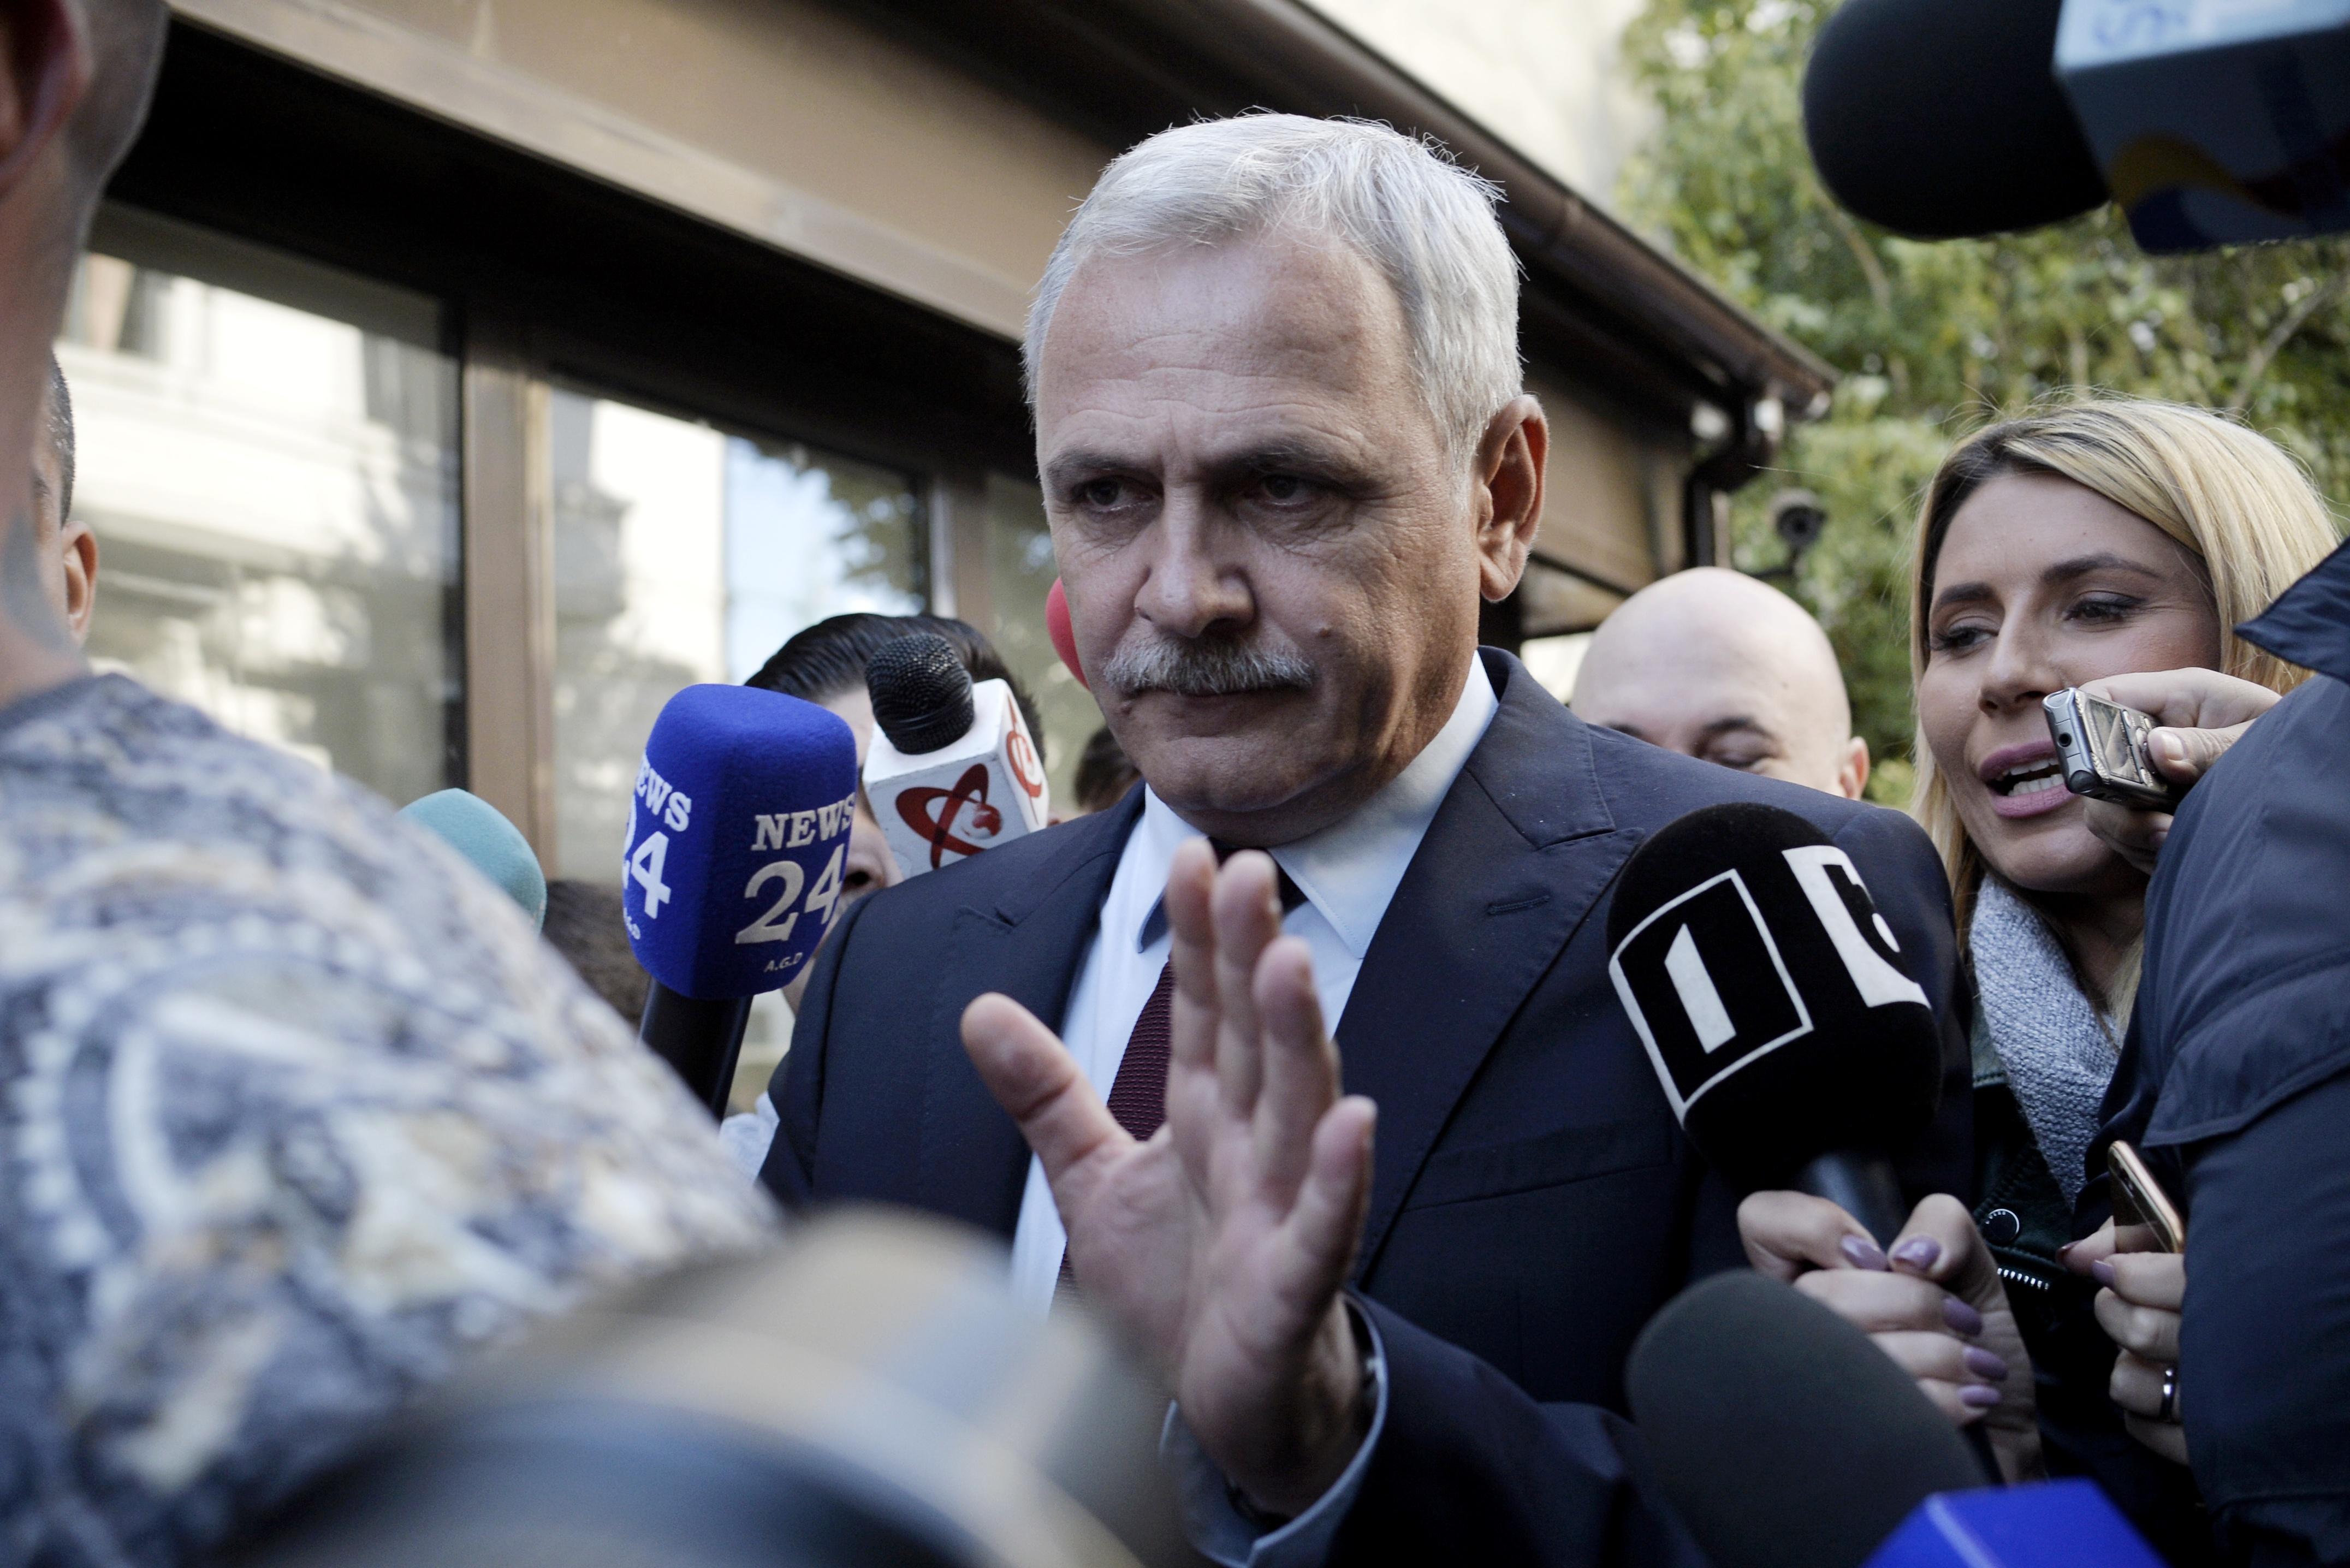 Pase în coaliţie cu sesizarea CCR pe subiectul Belina, după ce iniţial anunţase că o va înainta Ministerul Justiţiei. Dragnea: E finalizată